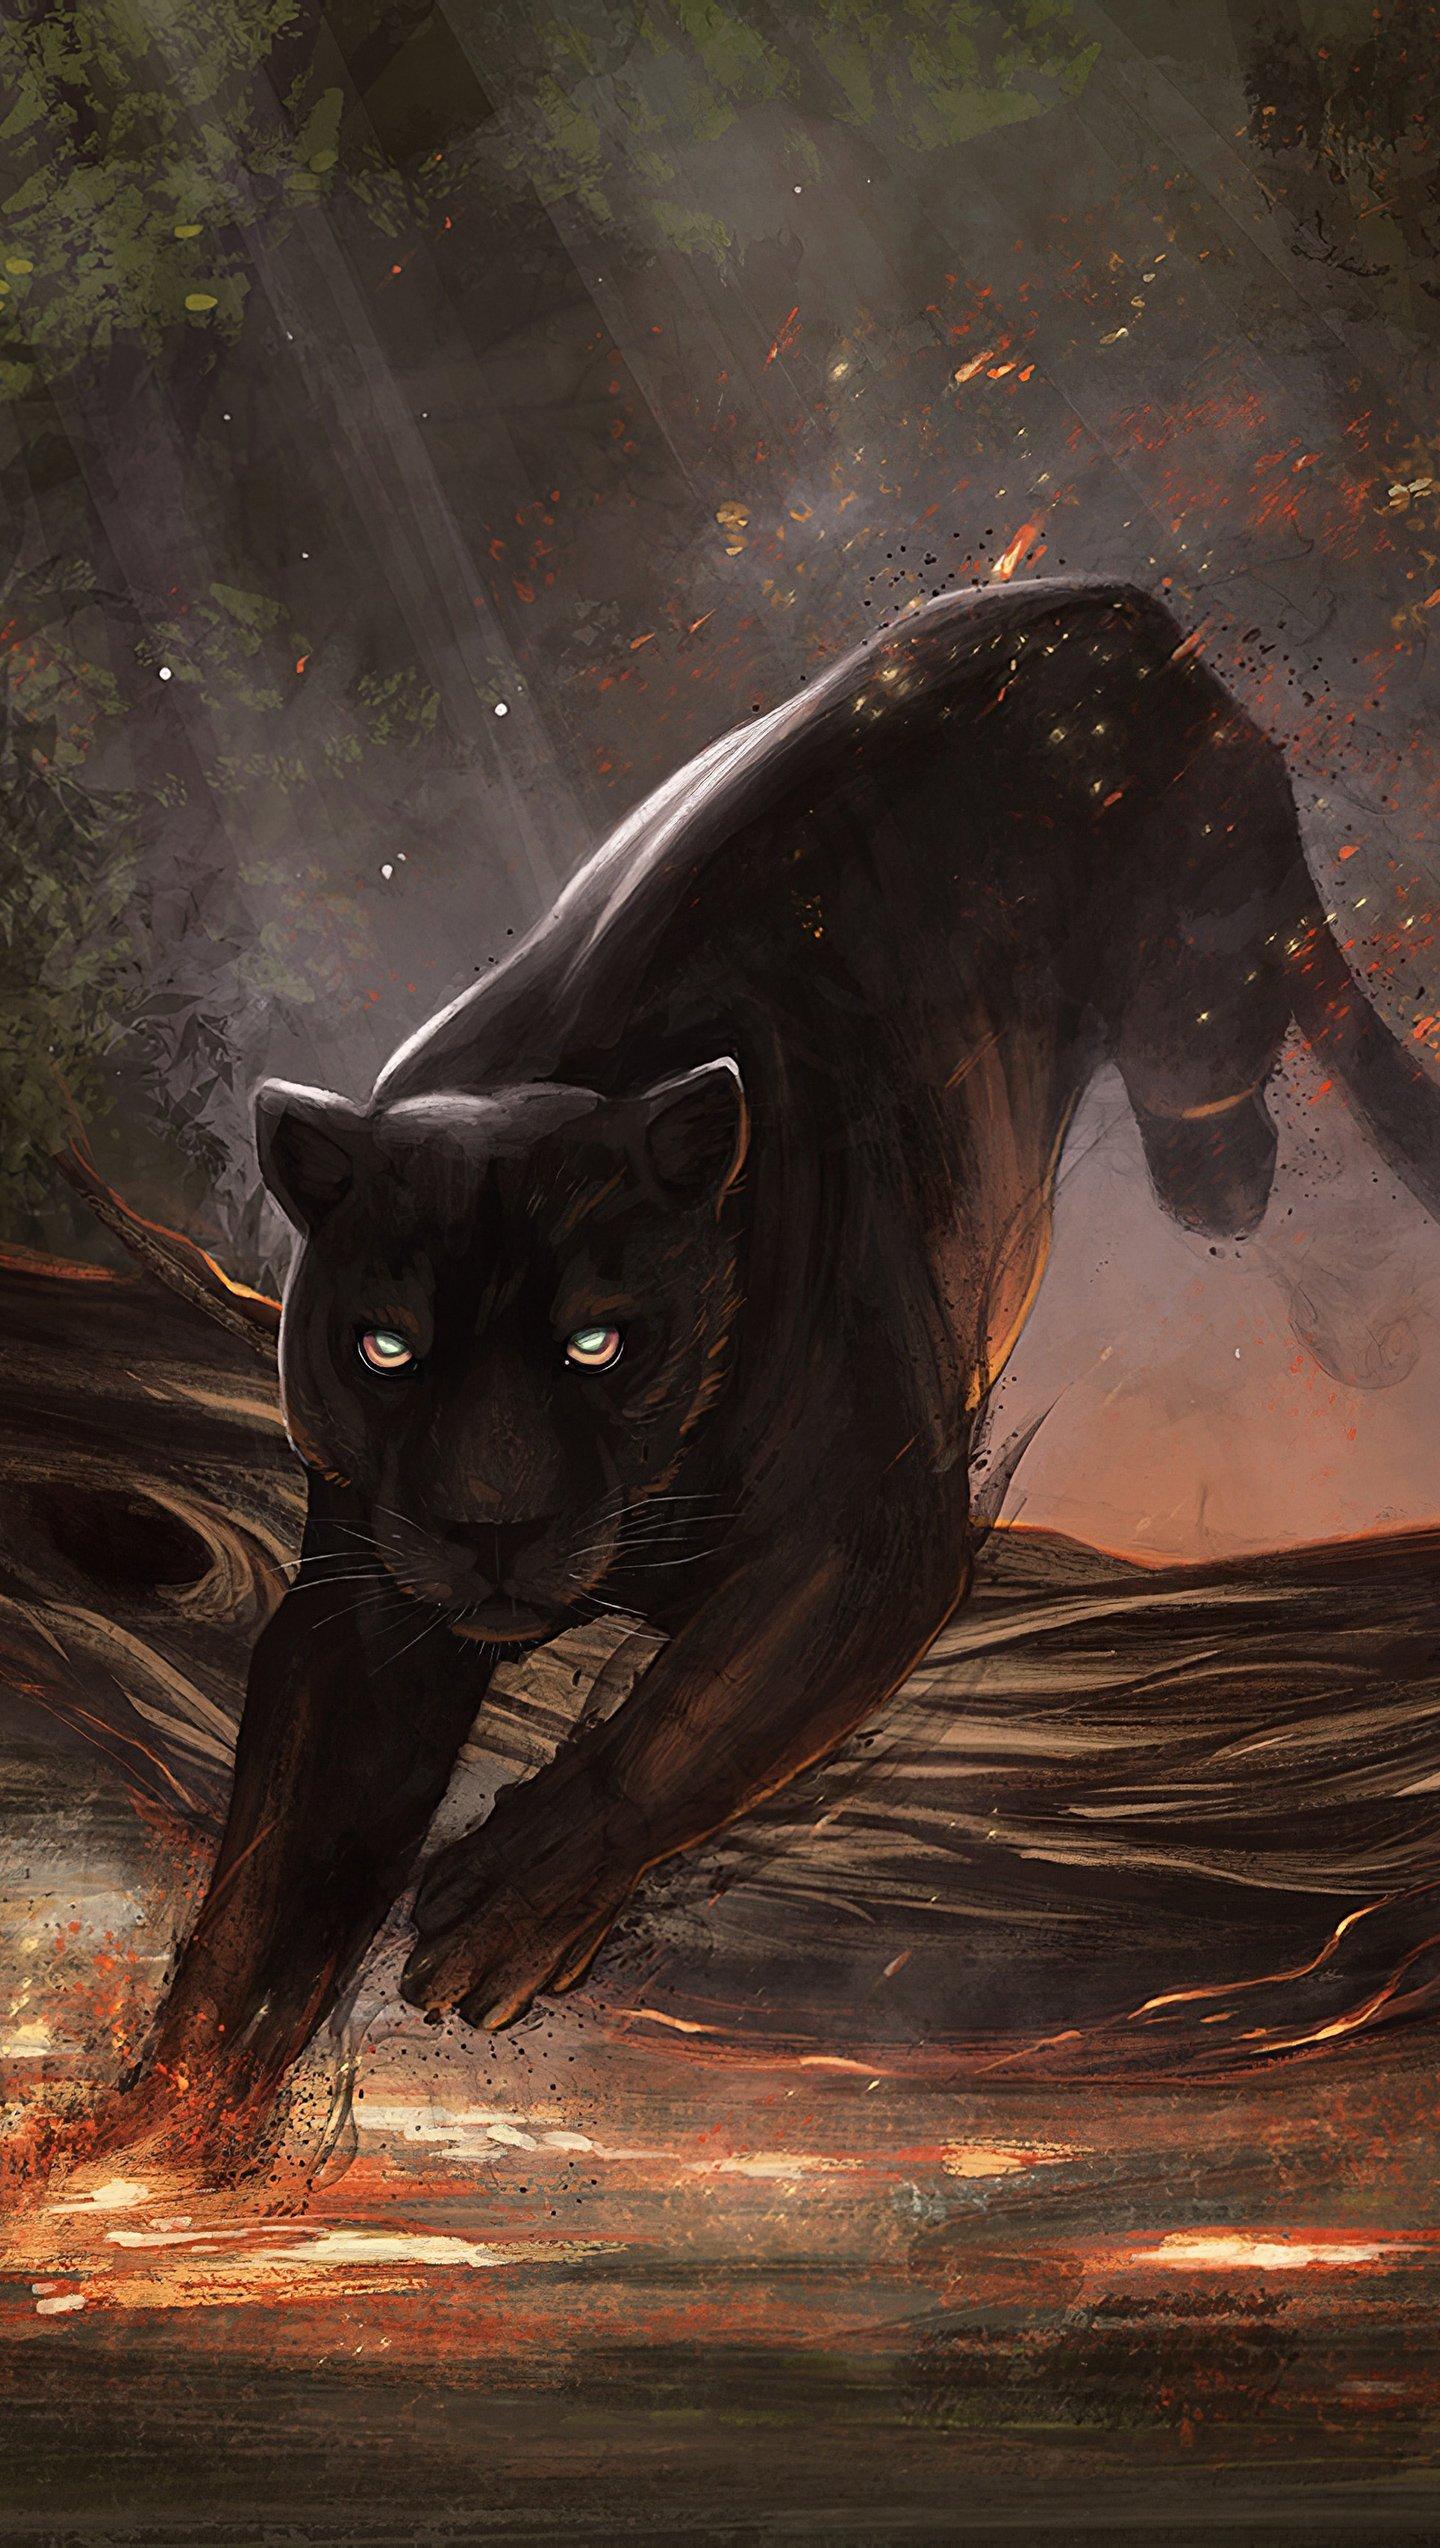 Wallpaper Black Jaguar Illustration Vertical